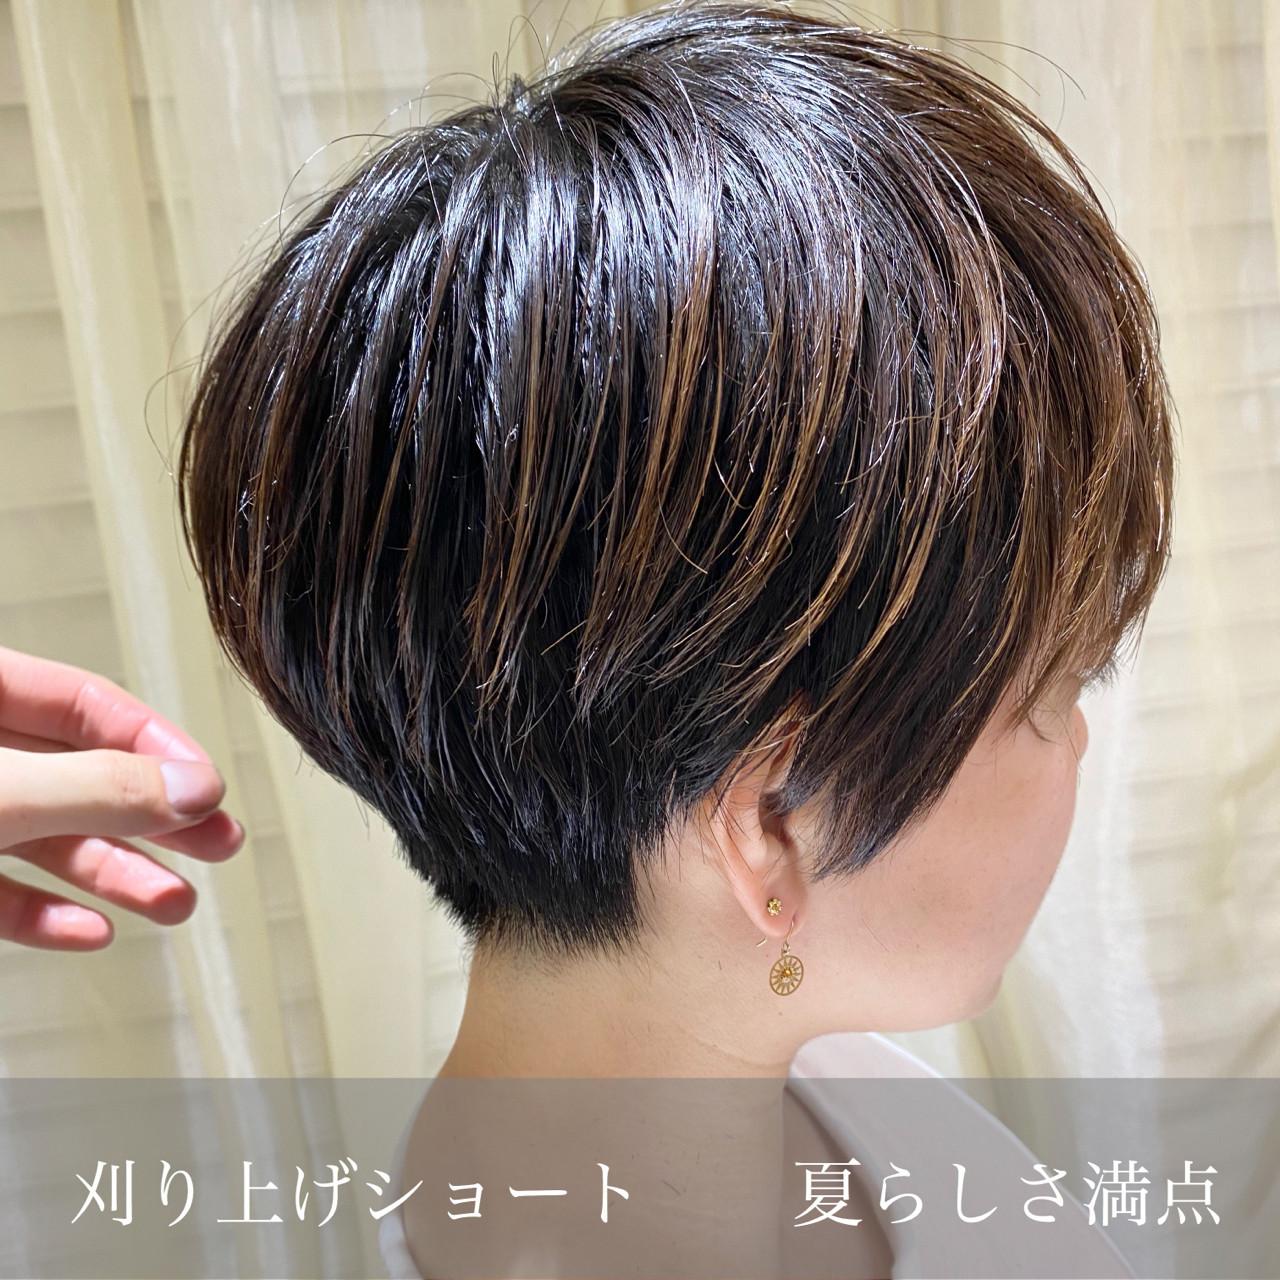 ショートヘア ナチュラル ベリーショート ショート ヘアスタイルや髪型の写真・画像